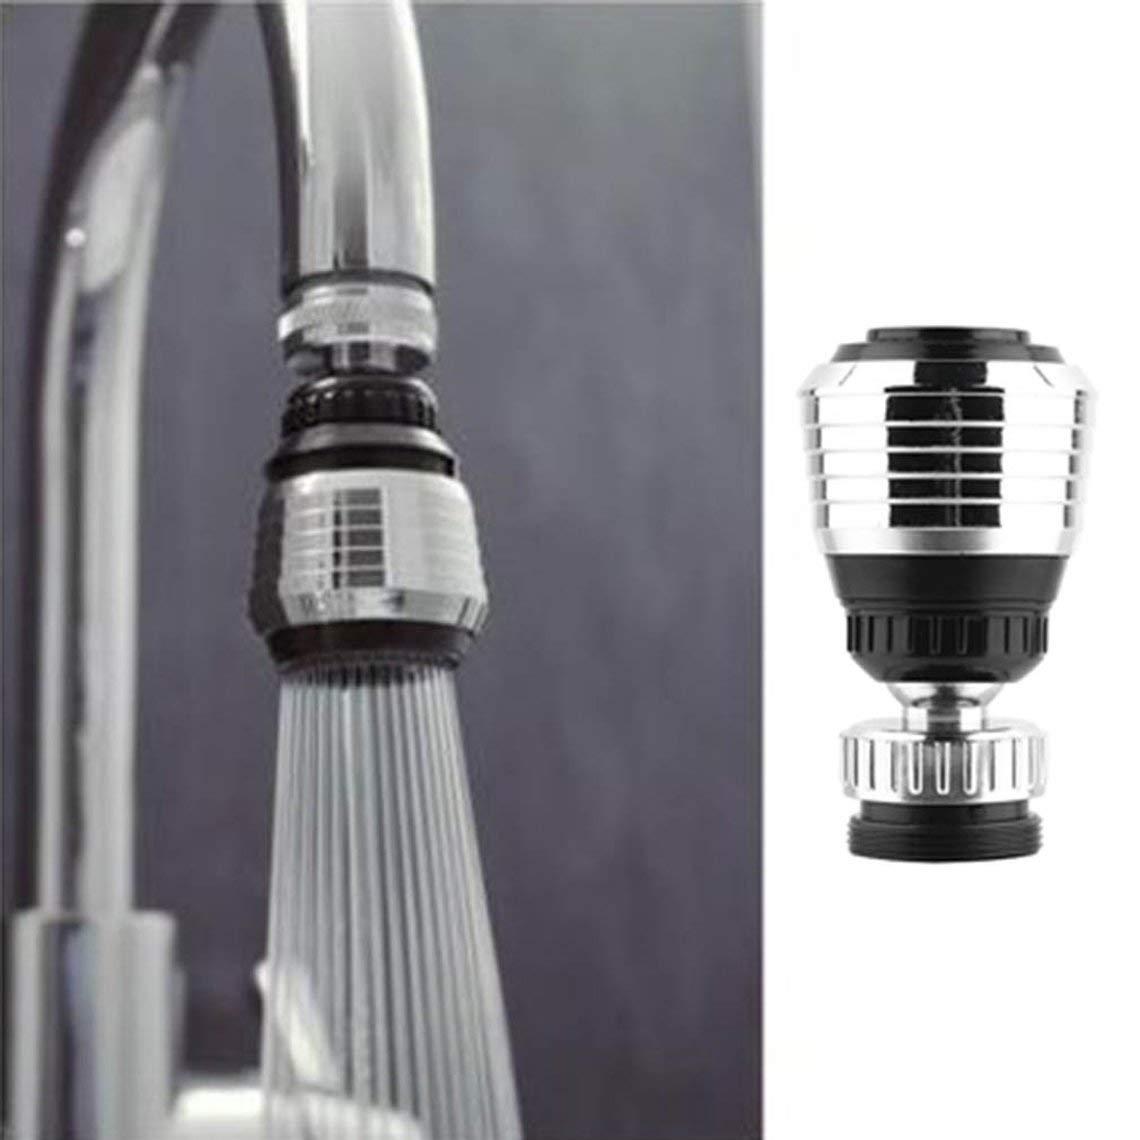 Multifunktionale 360 Drehen Swivel Wassersparhahn Bel/üfter Wasserhahn D/üse Filter Wasser Bubbler K/üche Zubeh/ör